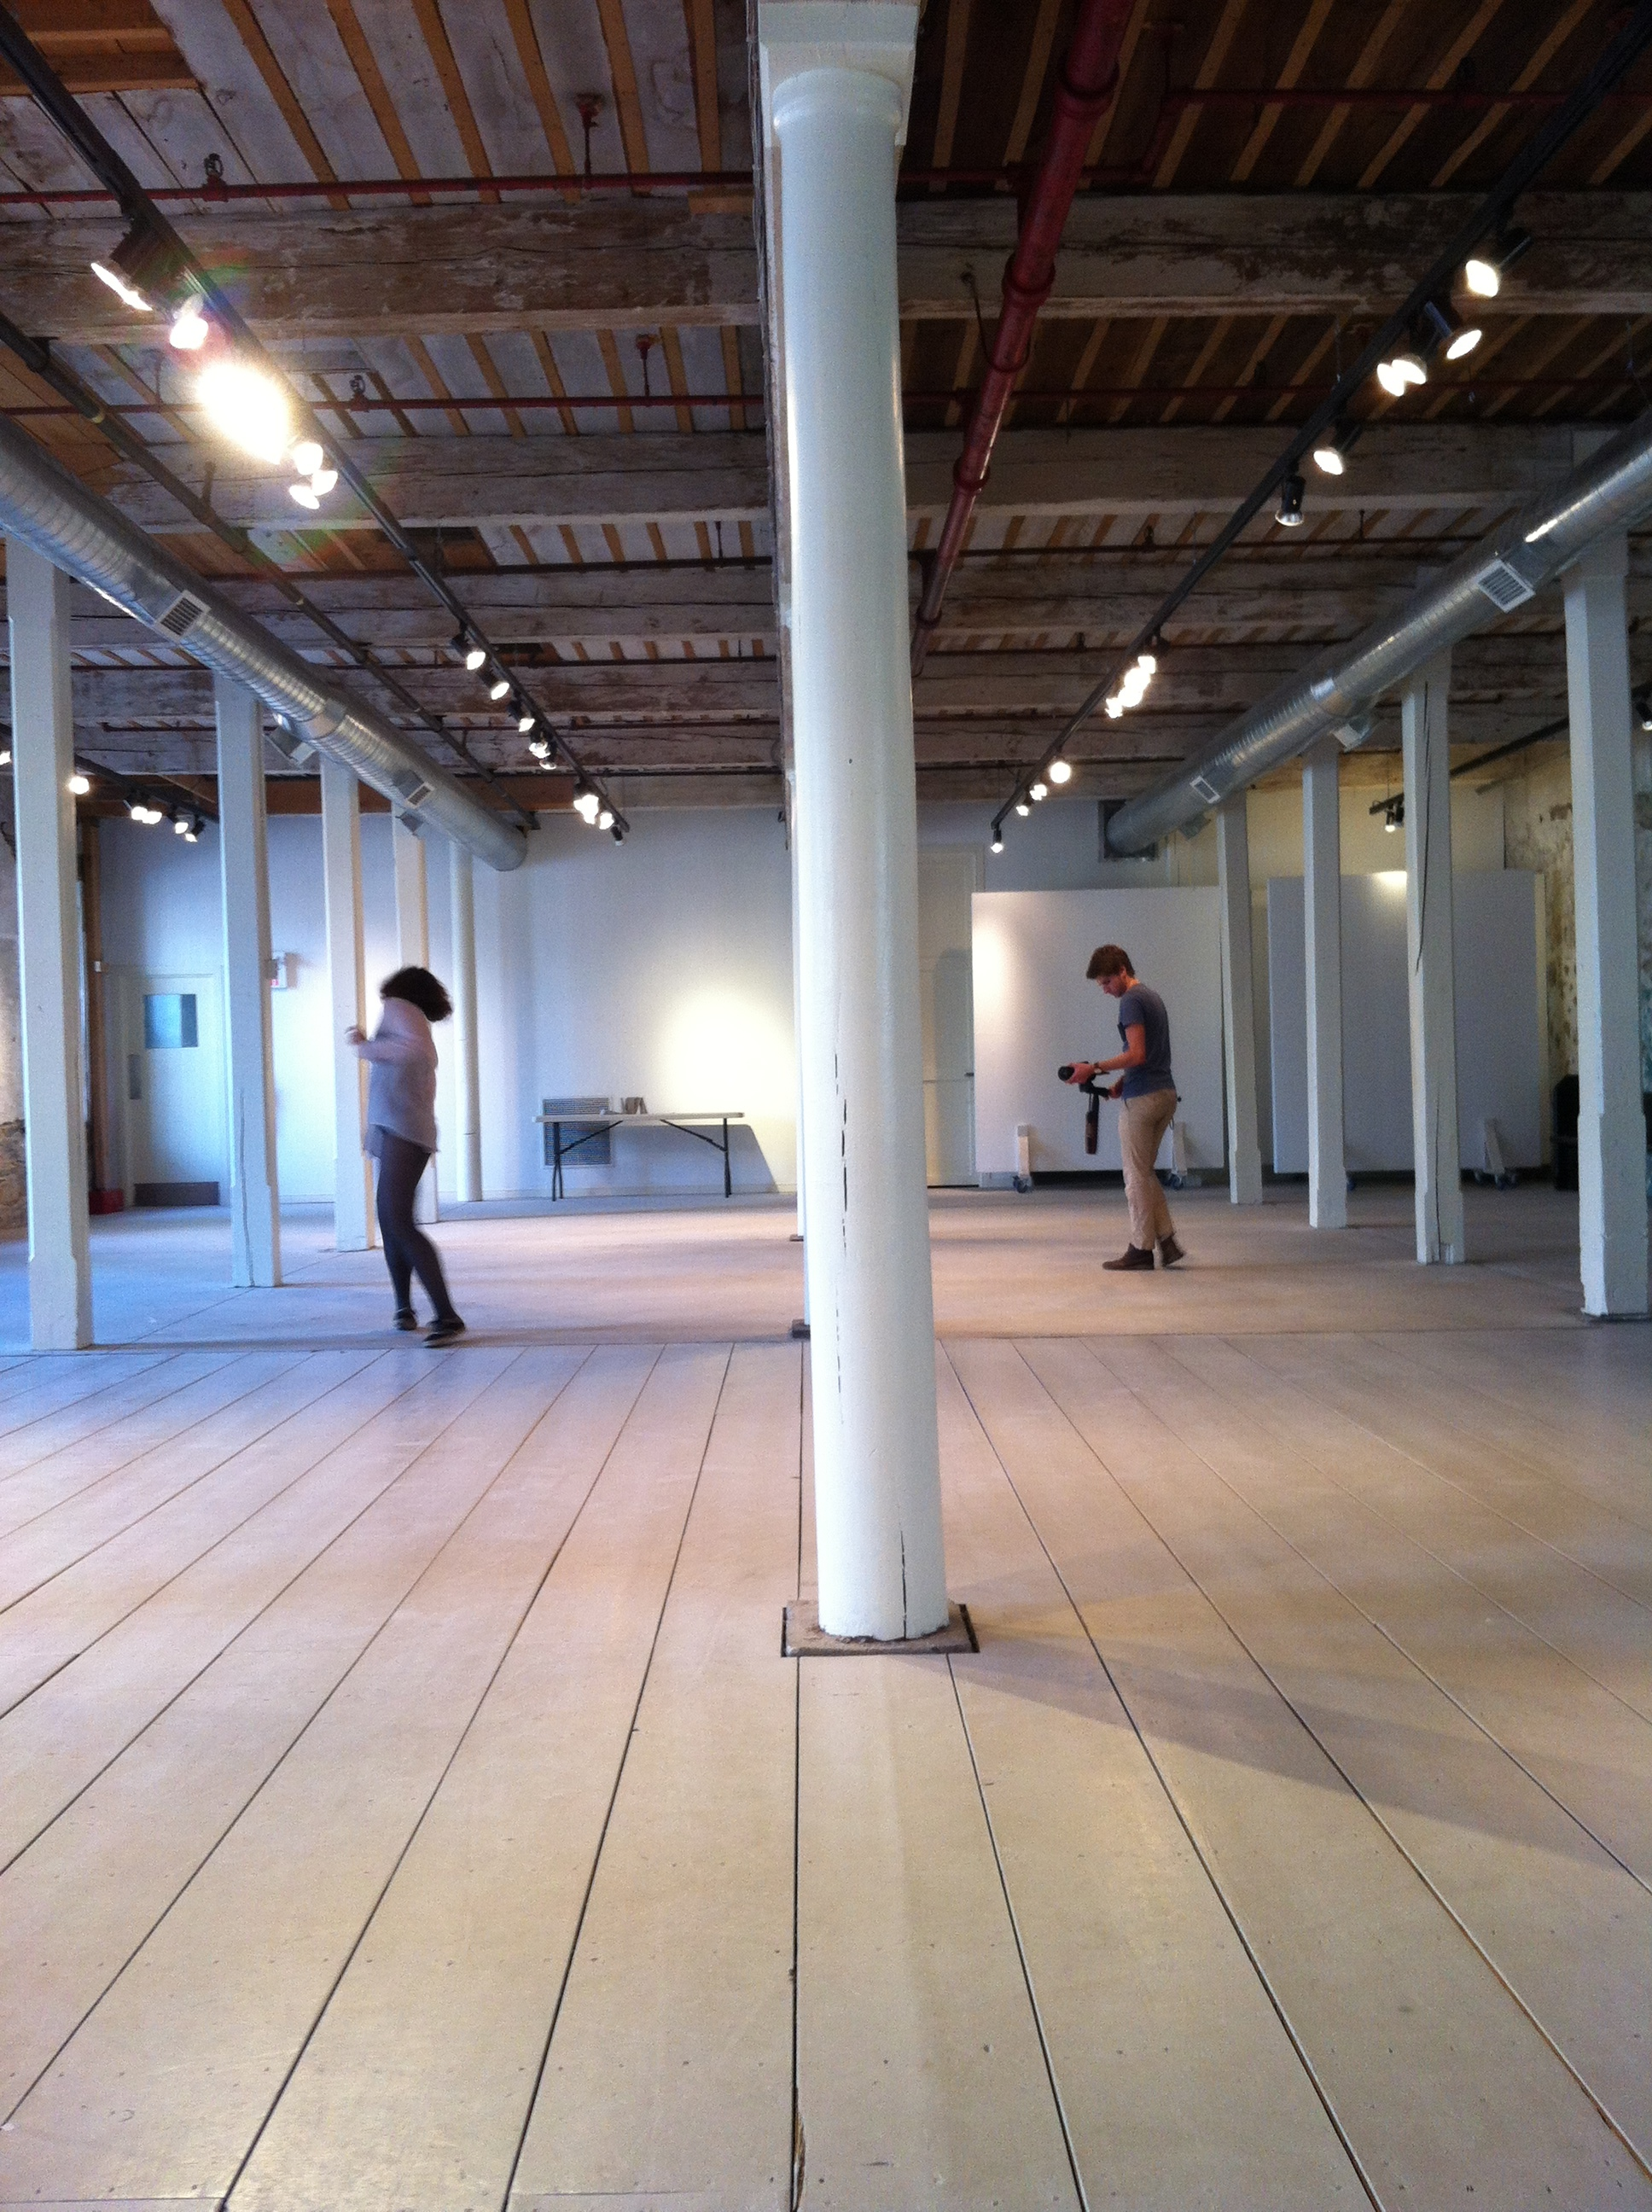 Sara_dancing_in_the_Textile_Museum